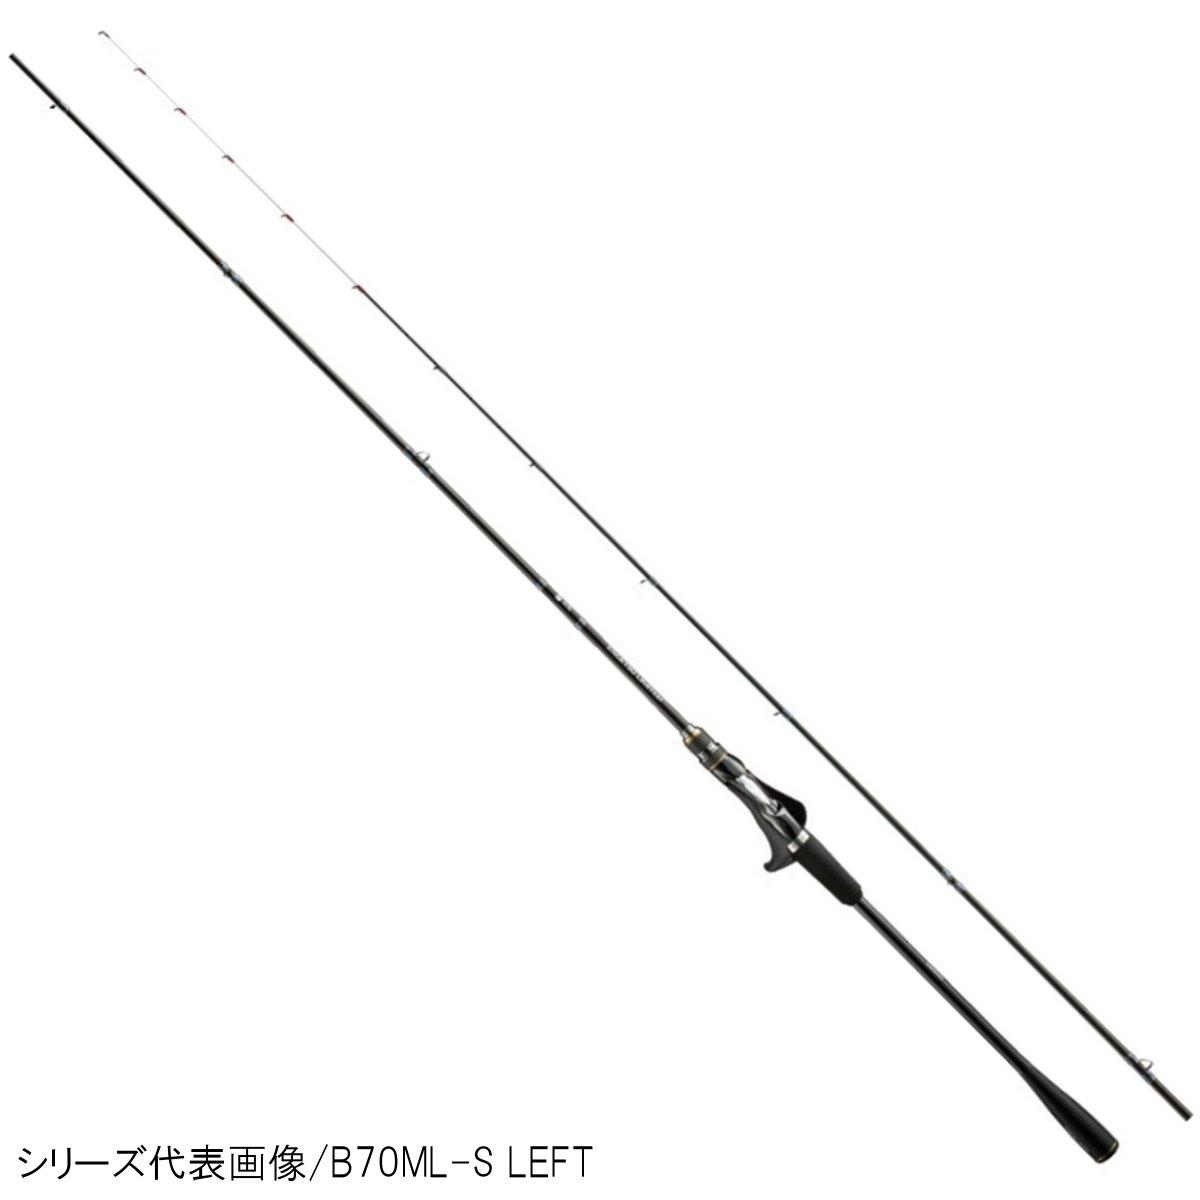 シマノ 炎月 リミテッド B70M-S RIGHT【大型商品】